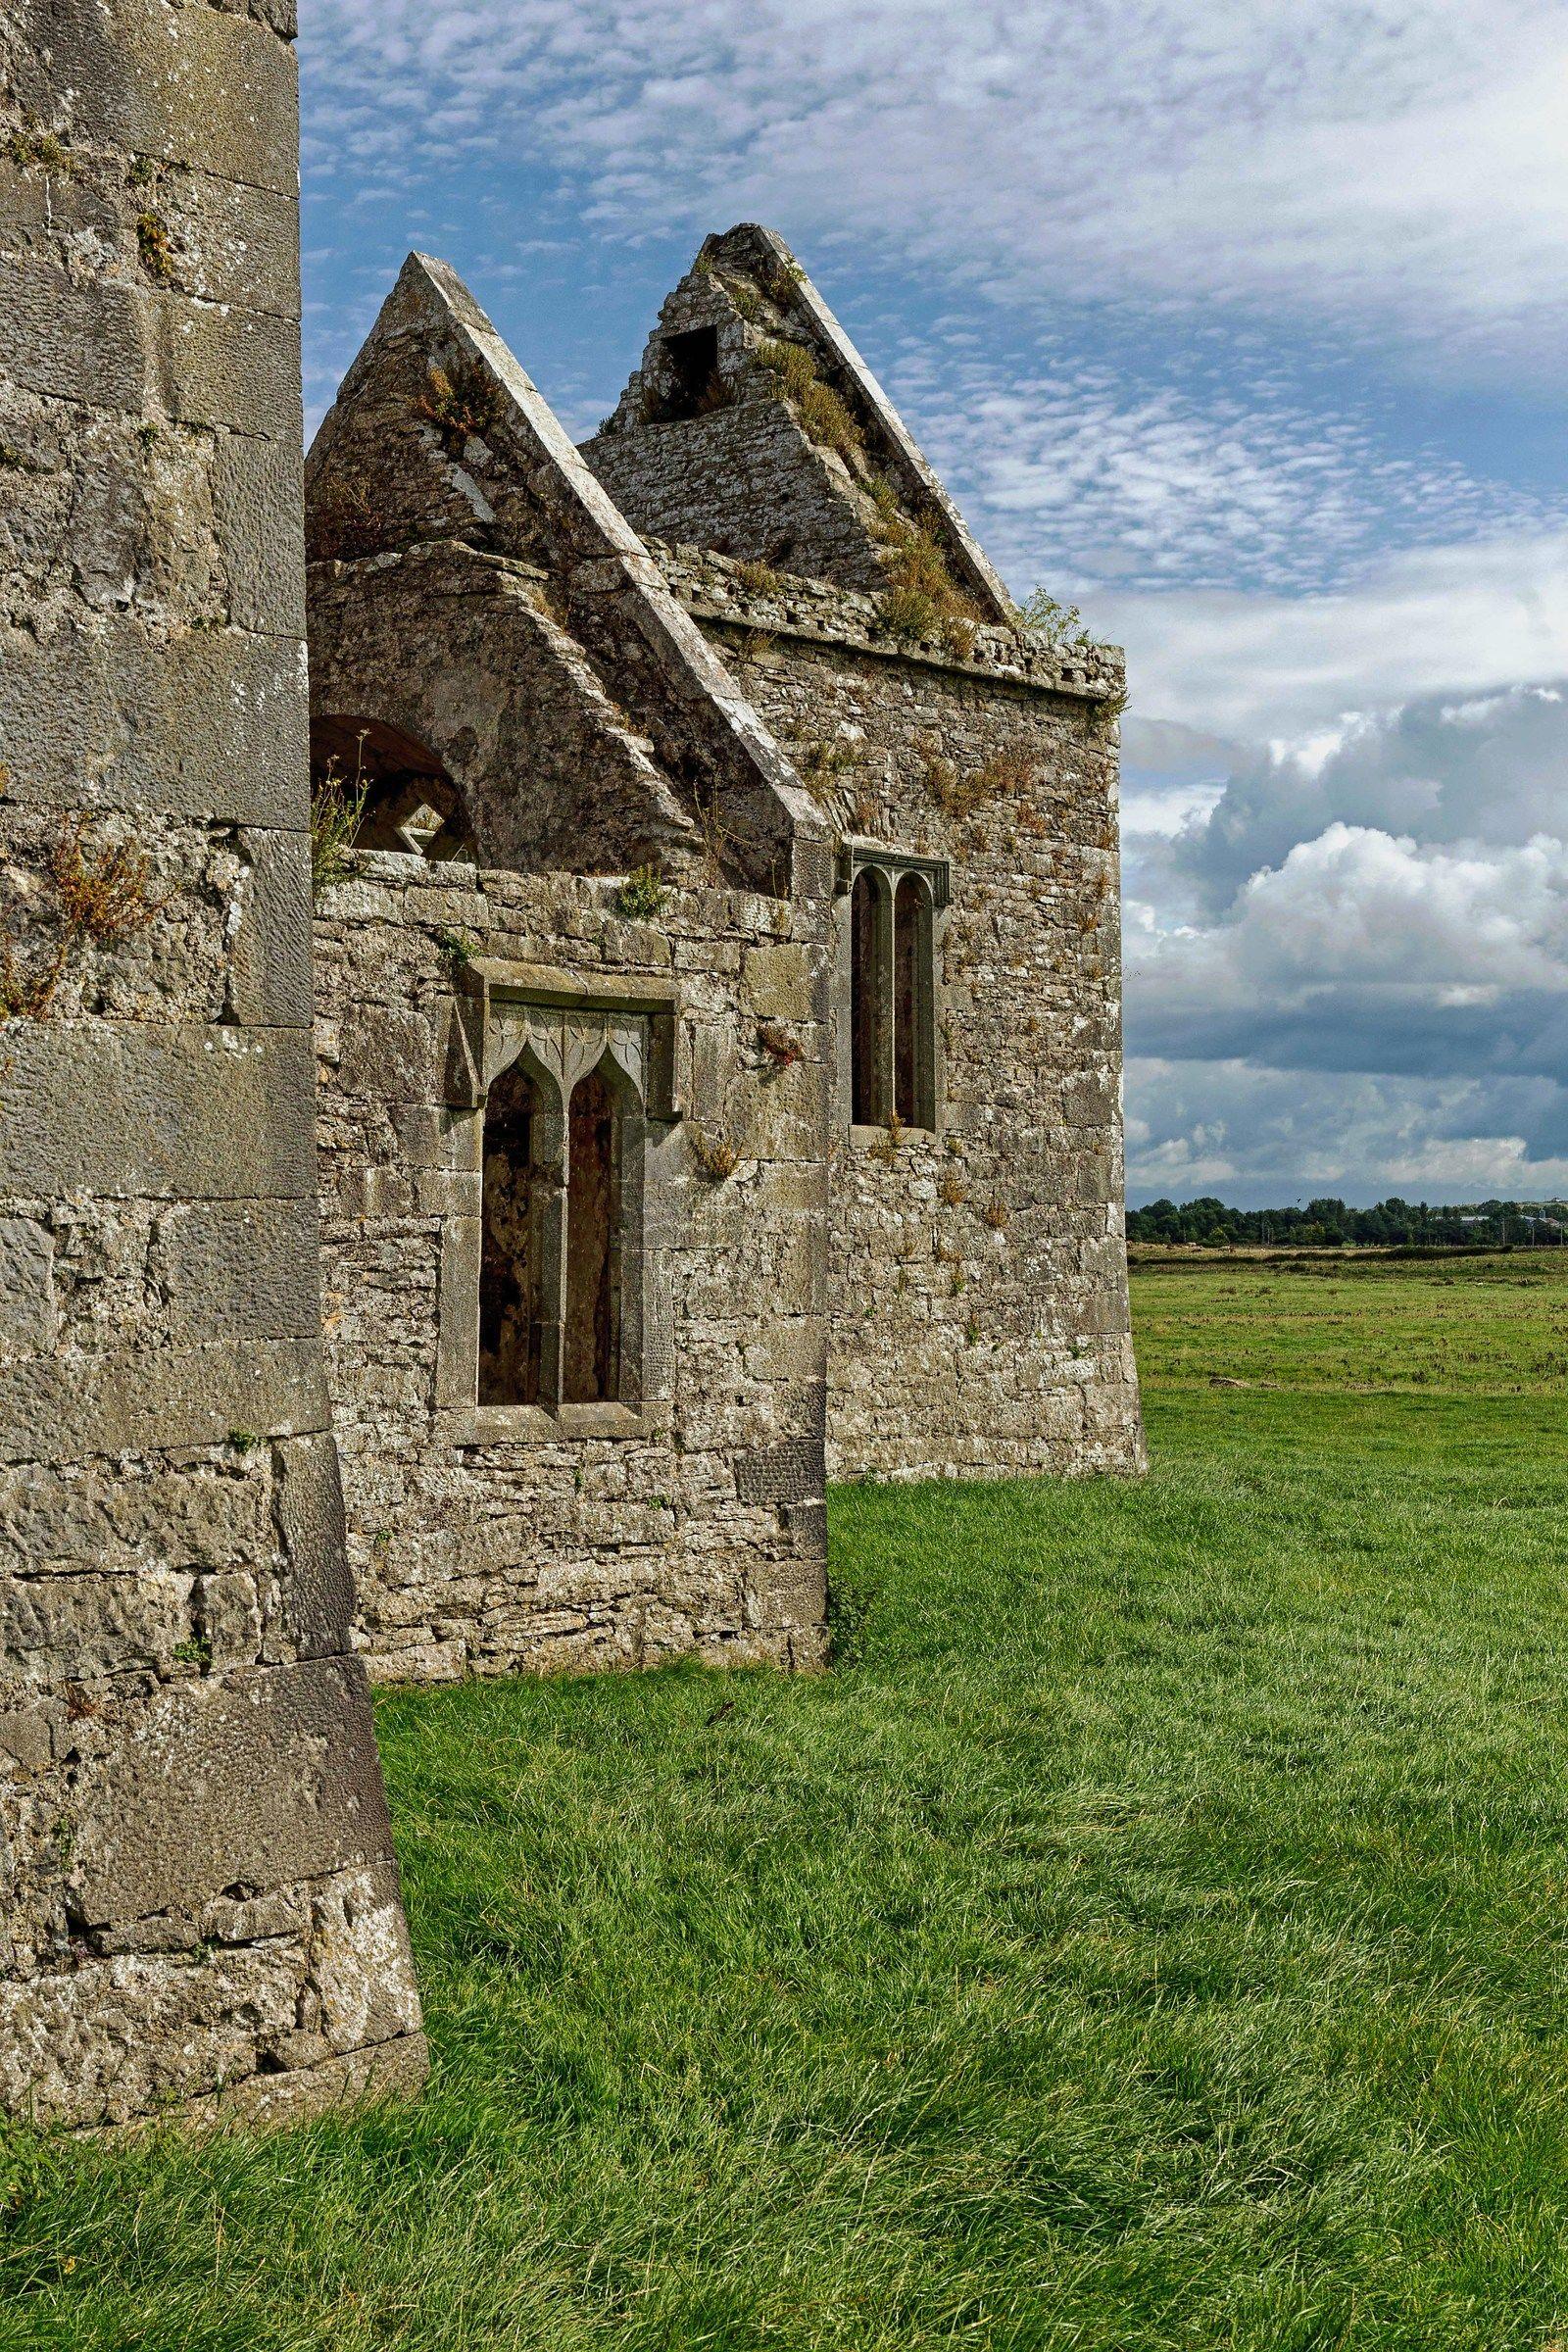 Wandering around Ireland 2...